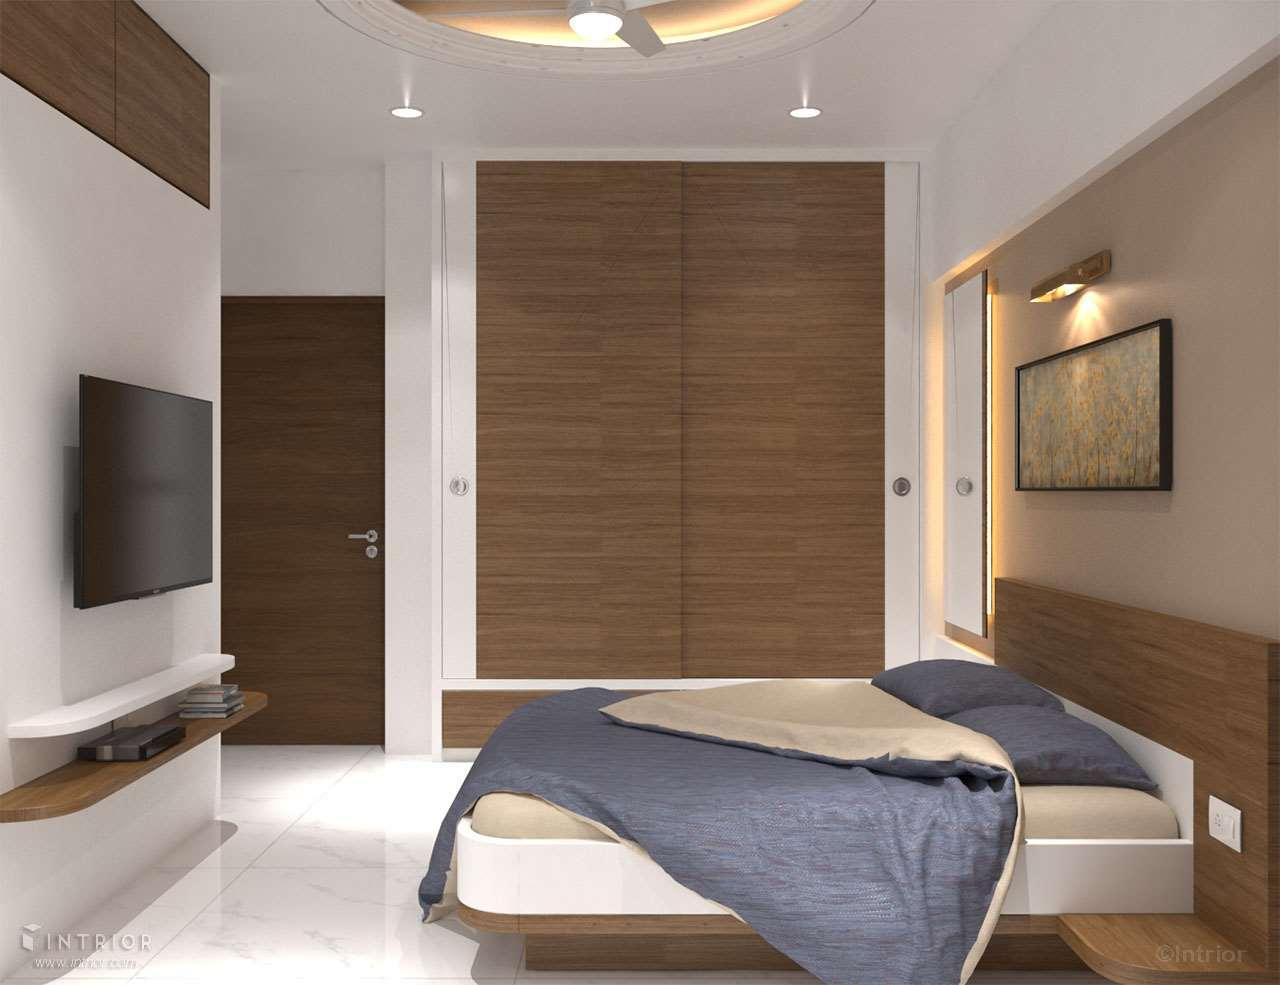 Guest Room - Wardrobe